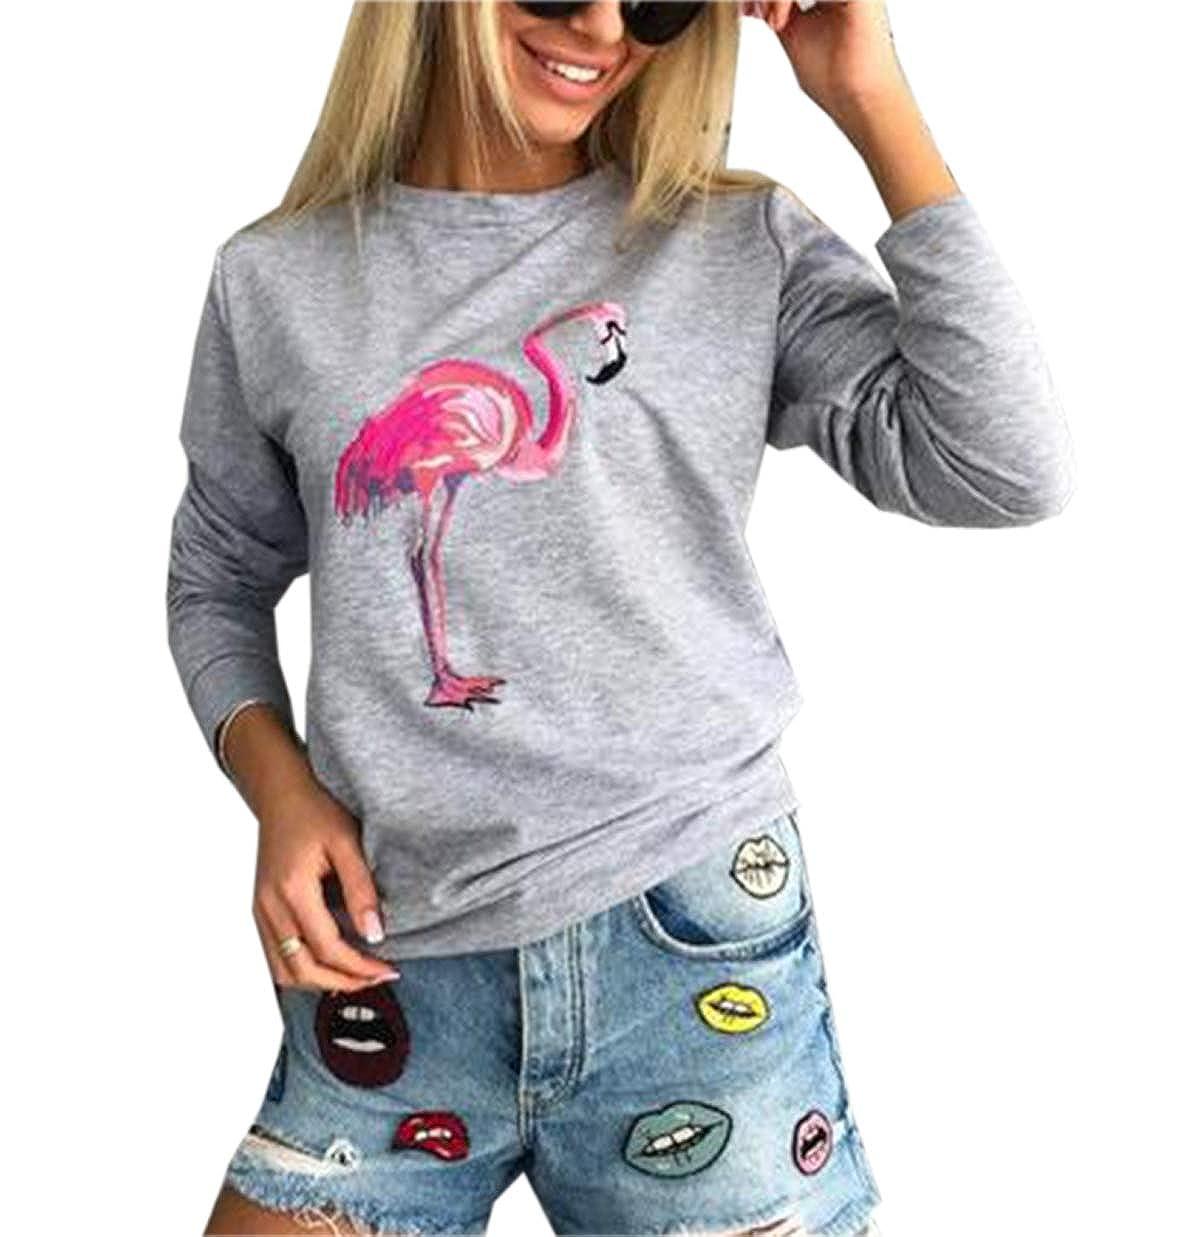 Autunno Inverno Donne Felpe Casual Rotondo Collo Maglie a Manica Lunga Cime Sweatshirt Moda Fenicottero Stampa Tops Maglione Bluse Pullover Jumper T-shirt WOZNLOYE